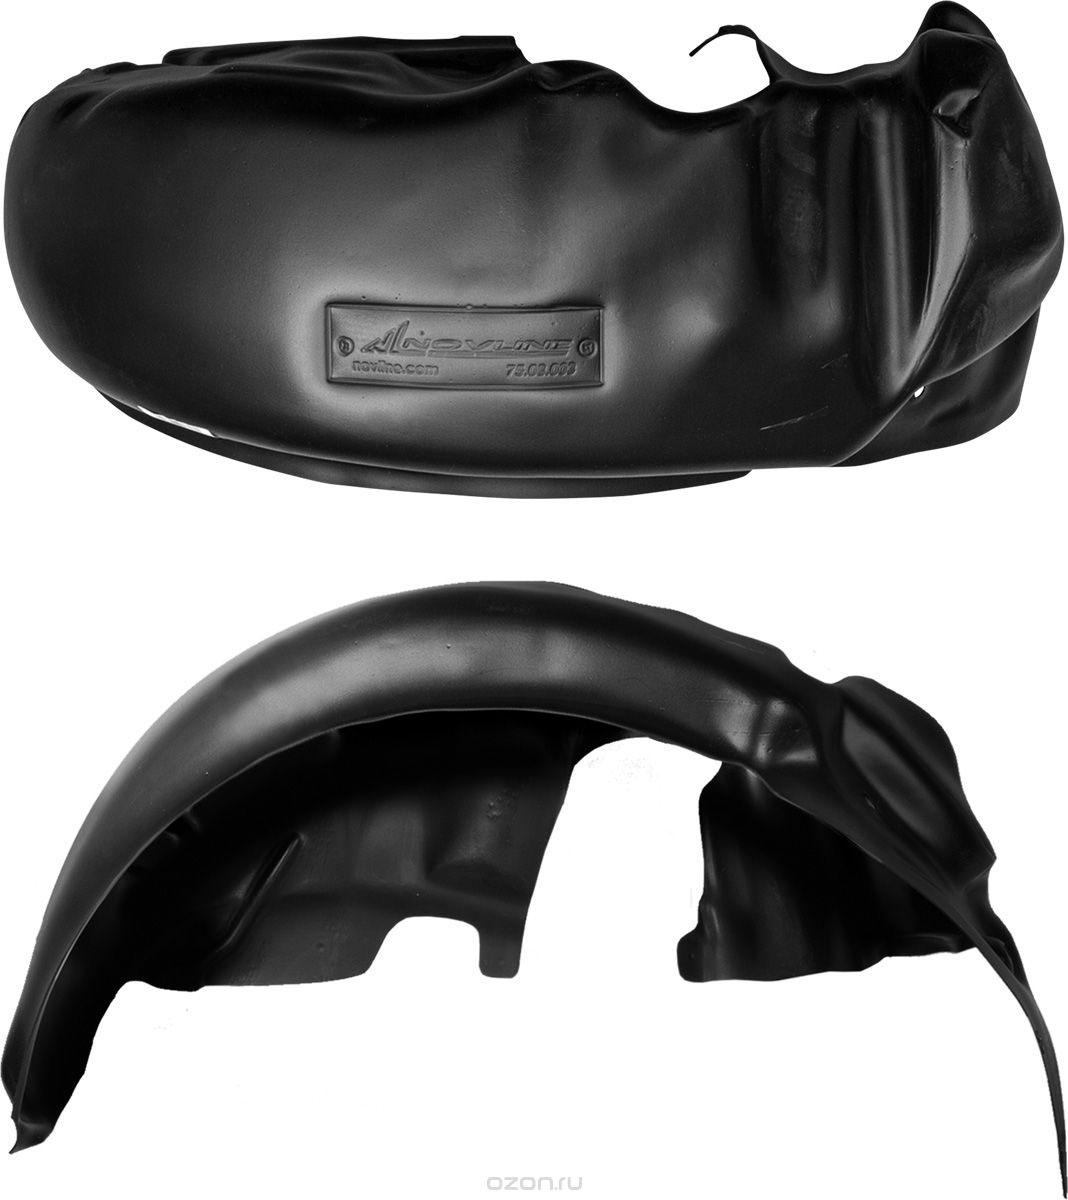 Подкрылок Novline-Autofamily, для UAZ Patriot 3163 2005->, задний левыйVCA-00Идеальная защита колесной ниши. Локеры разработаны с применением цифровых технологий, гарантируют максимальную повторяемость поверхности арки. Изделия устанавливаются без нарушения лакокрасочного покрытия автомобиля, каждый подкрылок комплектуется крепежом. Уважаемые клиенты, обращаем ваше внимание, что фотографии на подкрылки универсальные и не отражают реальную форму изделия. При этом само изделие идет точно под размер указанного автомобиля.